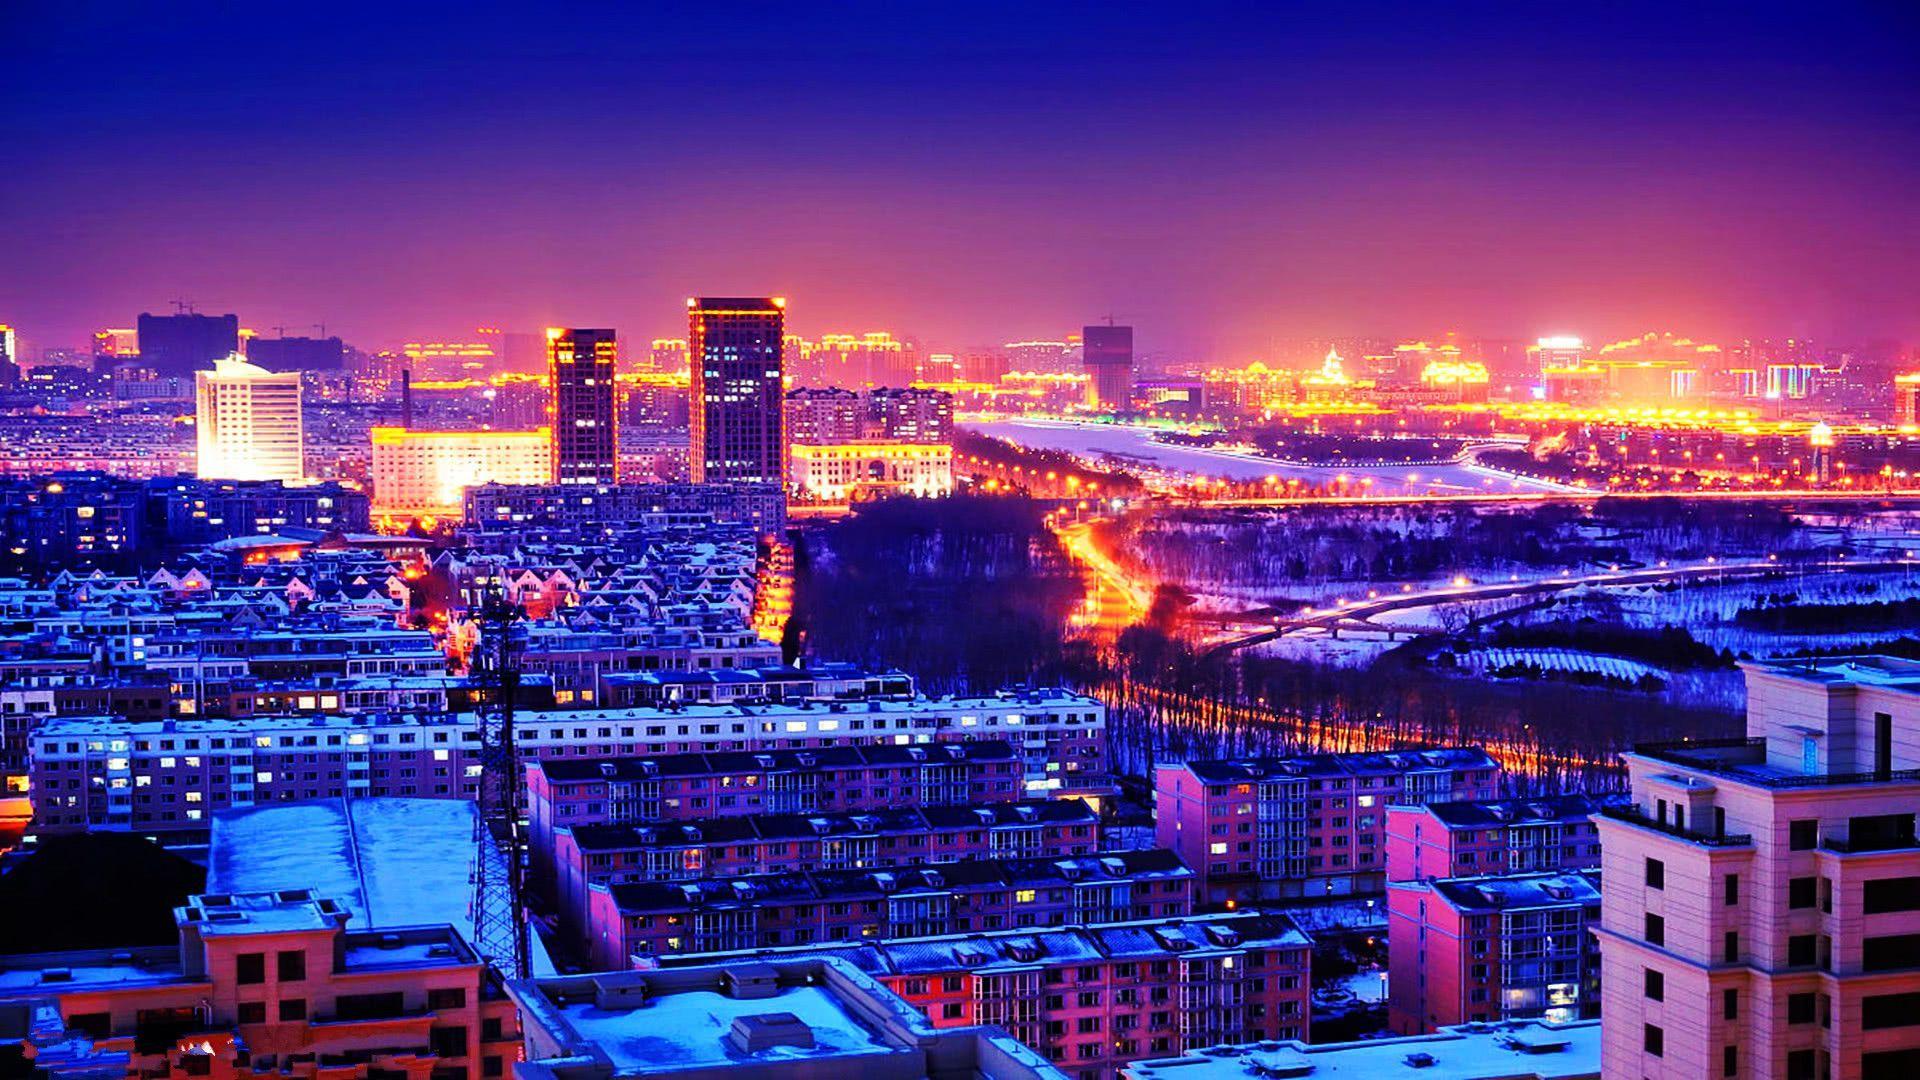 四平gdp_2017年上半年吉林省各市州GDP排行榜,四平排第四(3)